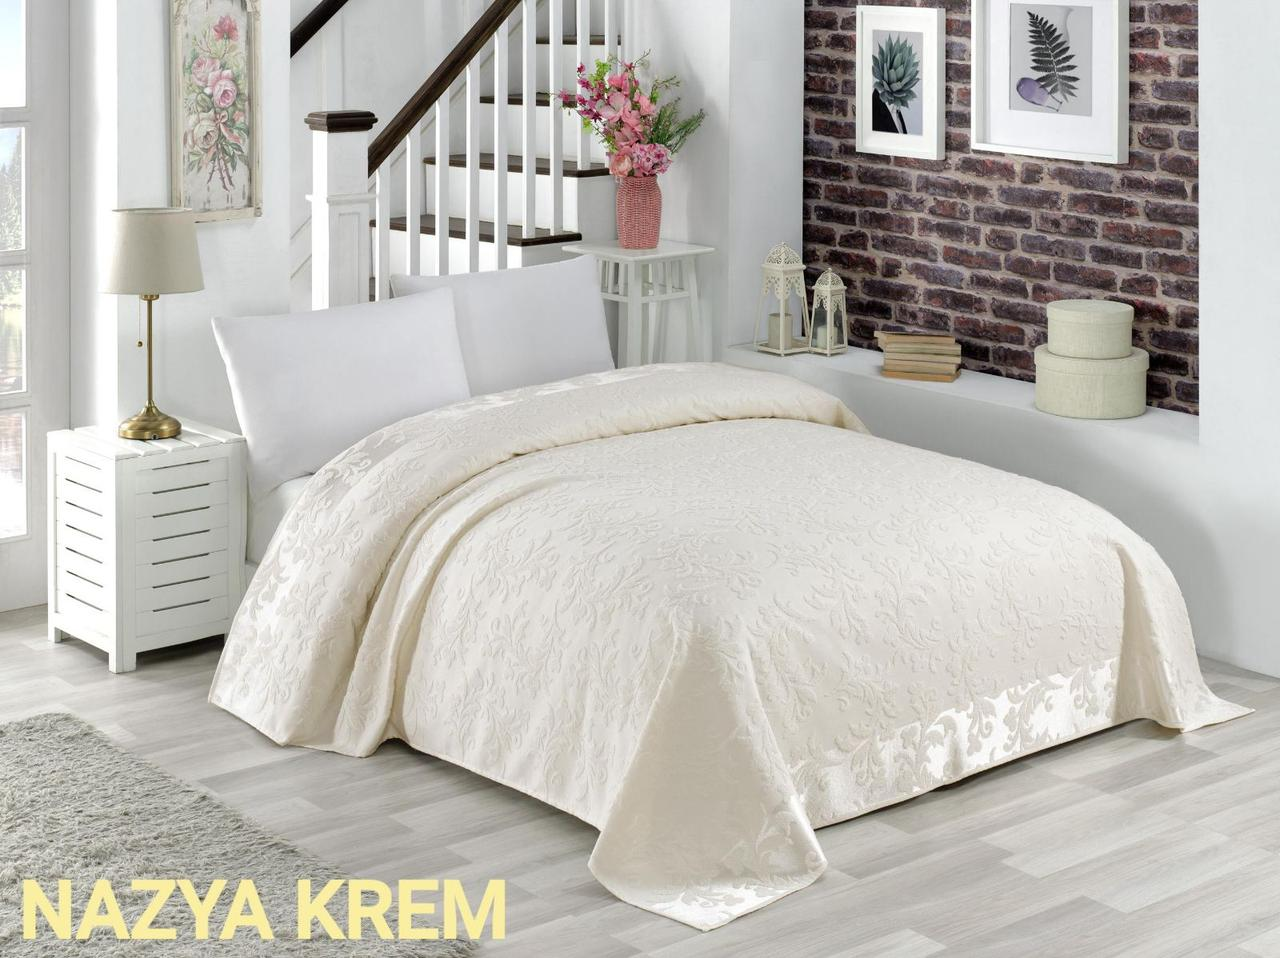 Махровая простынь хлопок 150*220 (TM Zeron) 450г/м2 Nazya Krem, Турция